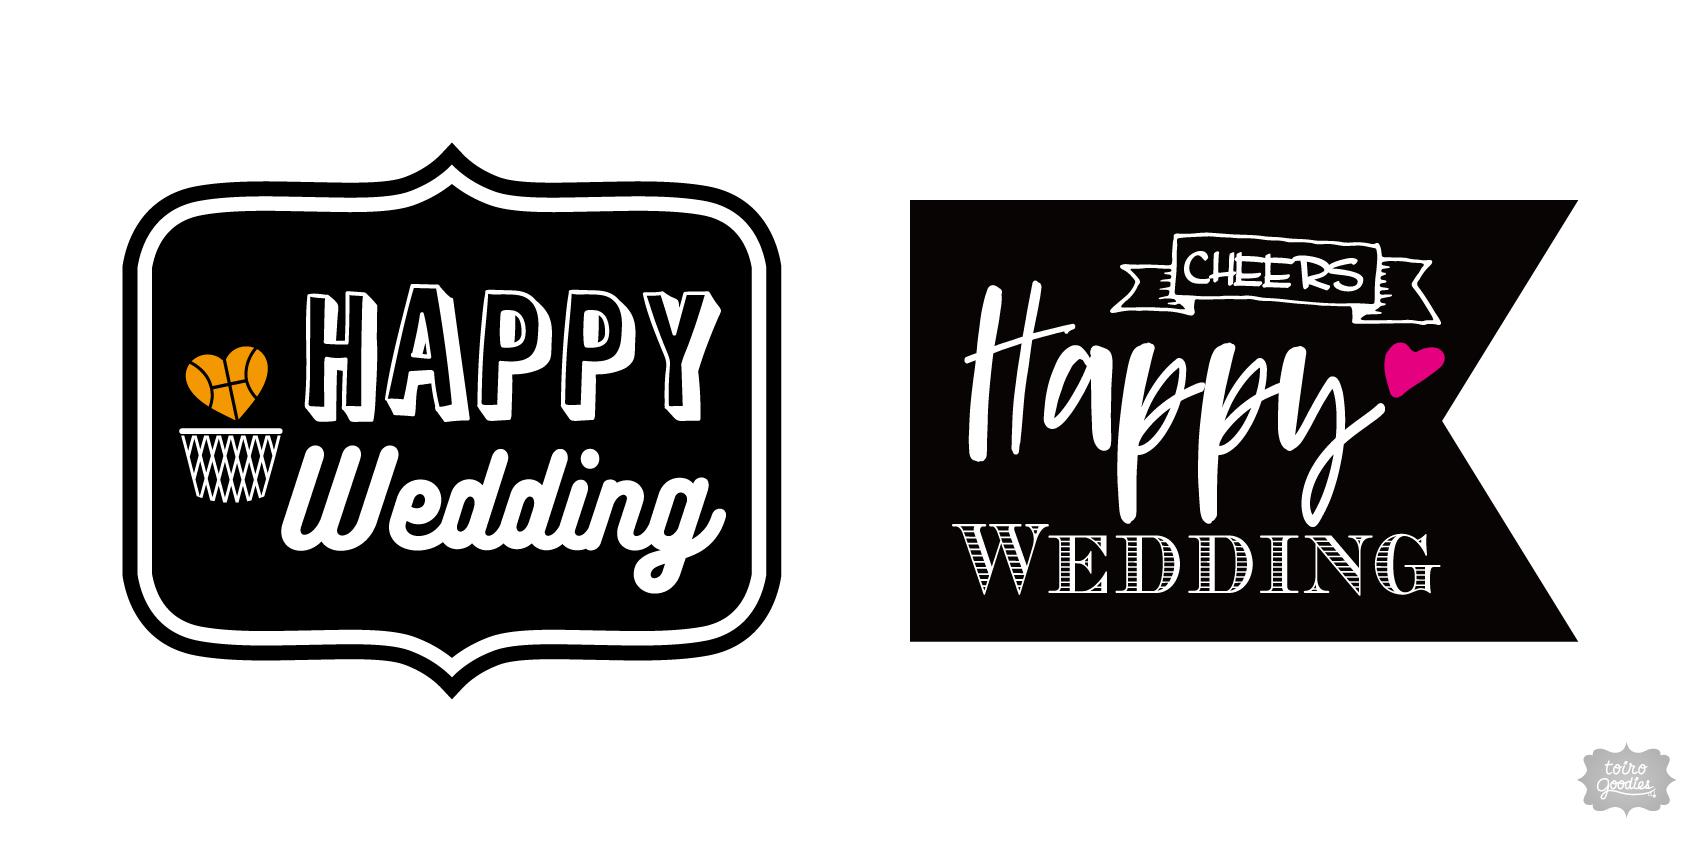 Happy wedding01(バスケットボール)